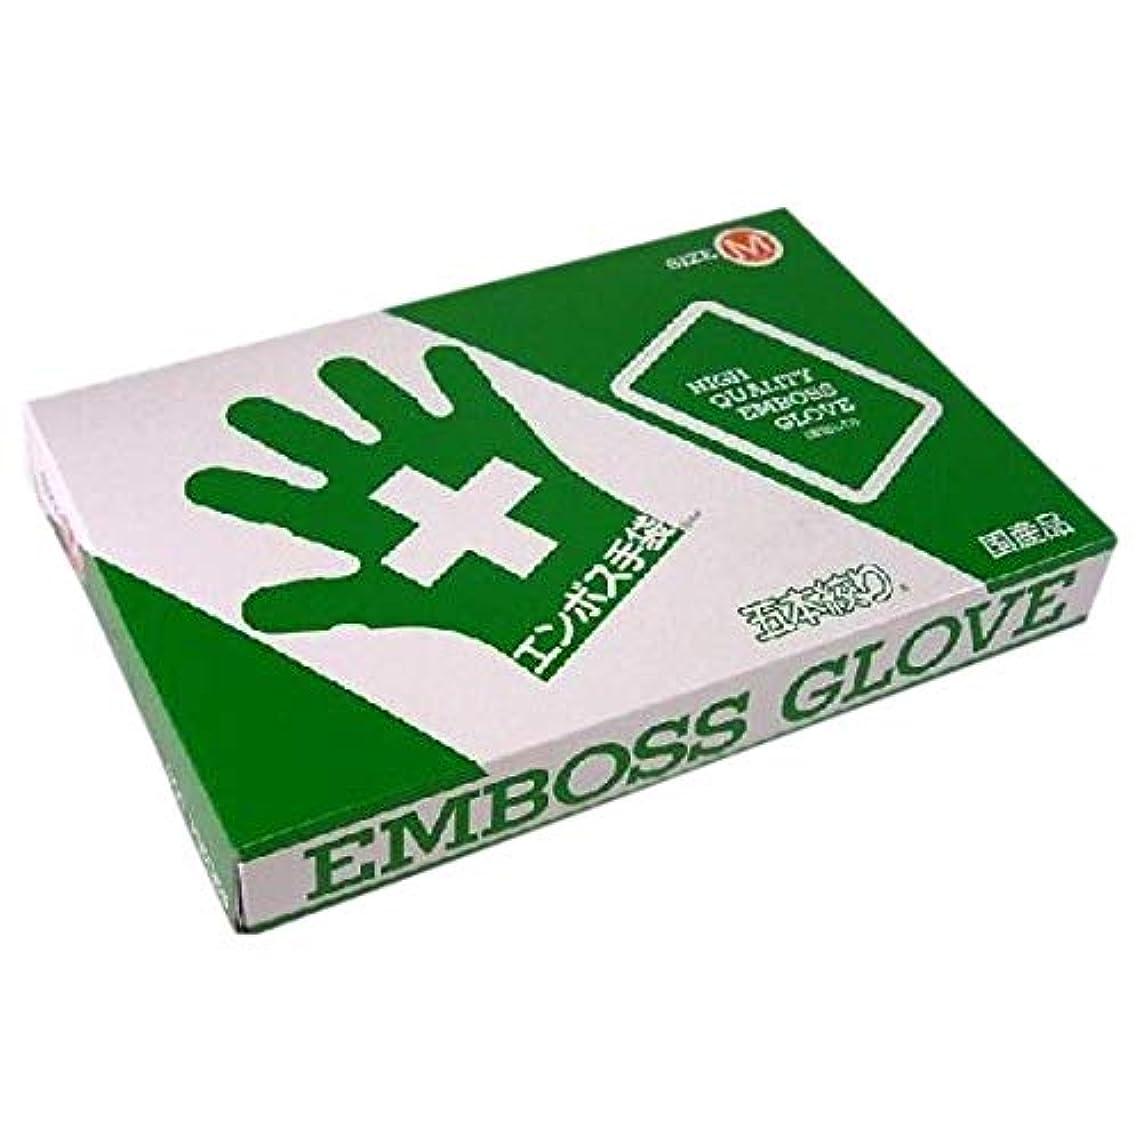 ガラガラ汚物高度なエンボス手袋 5本絞り(使い捨て手袋国産品) 東京パック M 200枚入